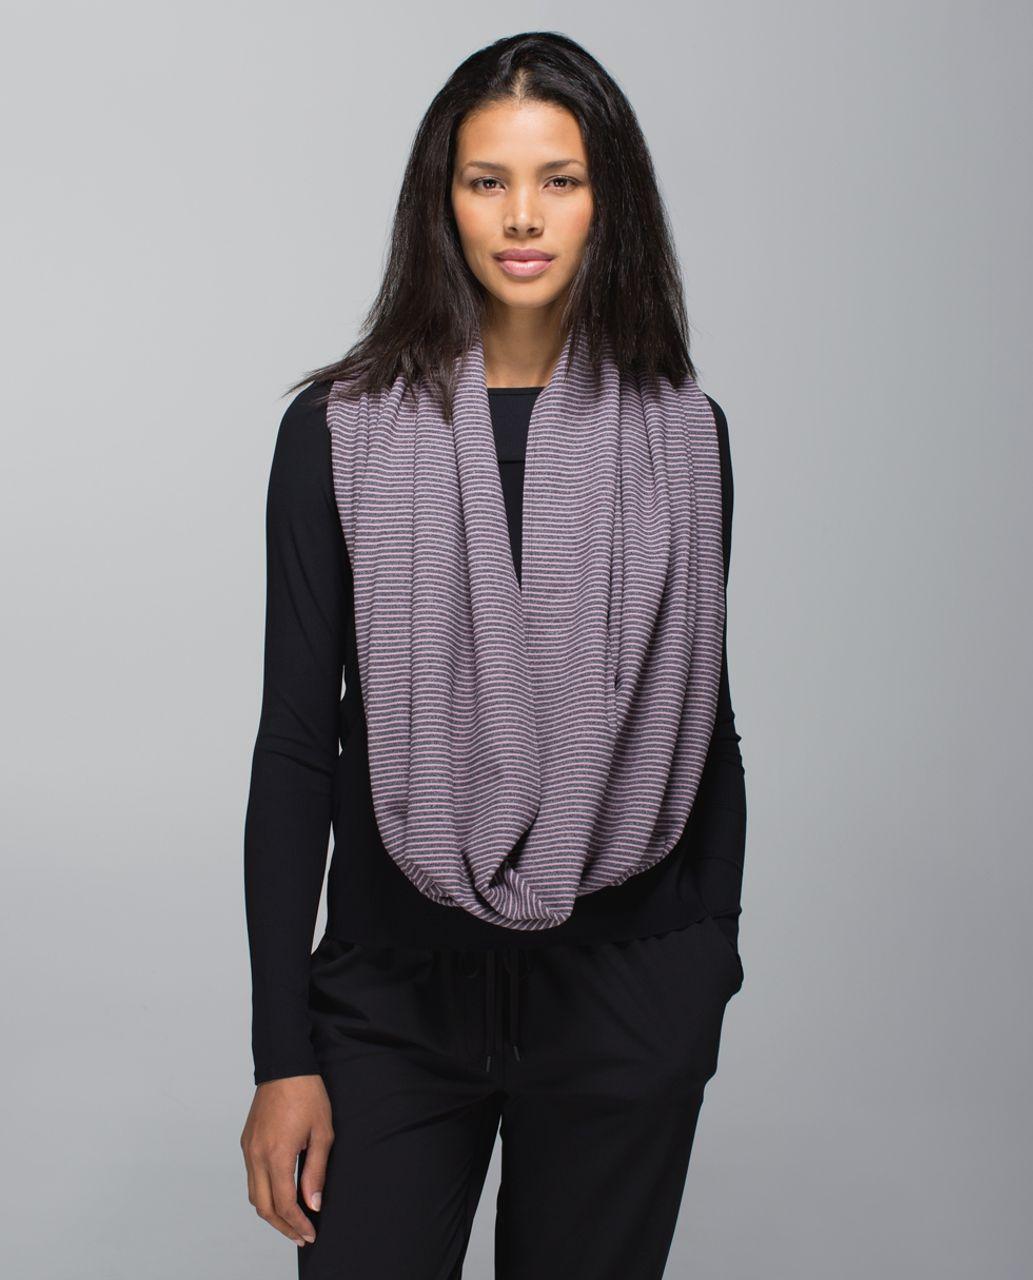 Lululemon Vinyasa Scarf *Rulu - Hyper Stripe Mauvelous Heathered Black / Heathered Black